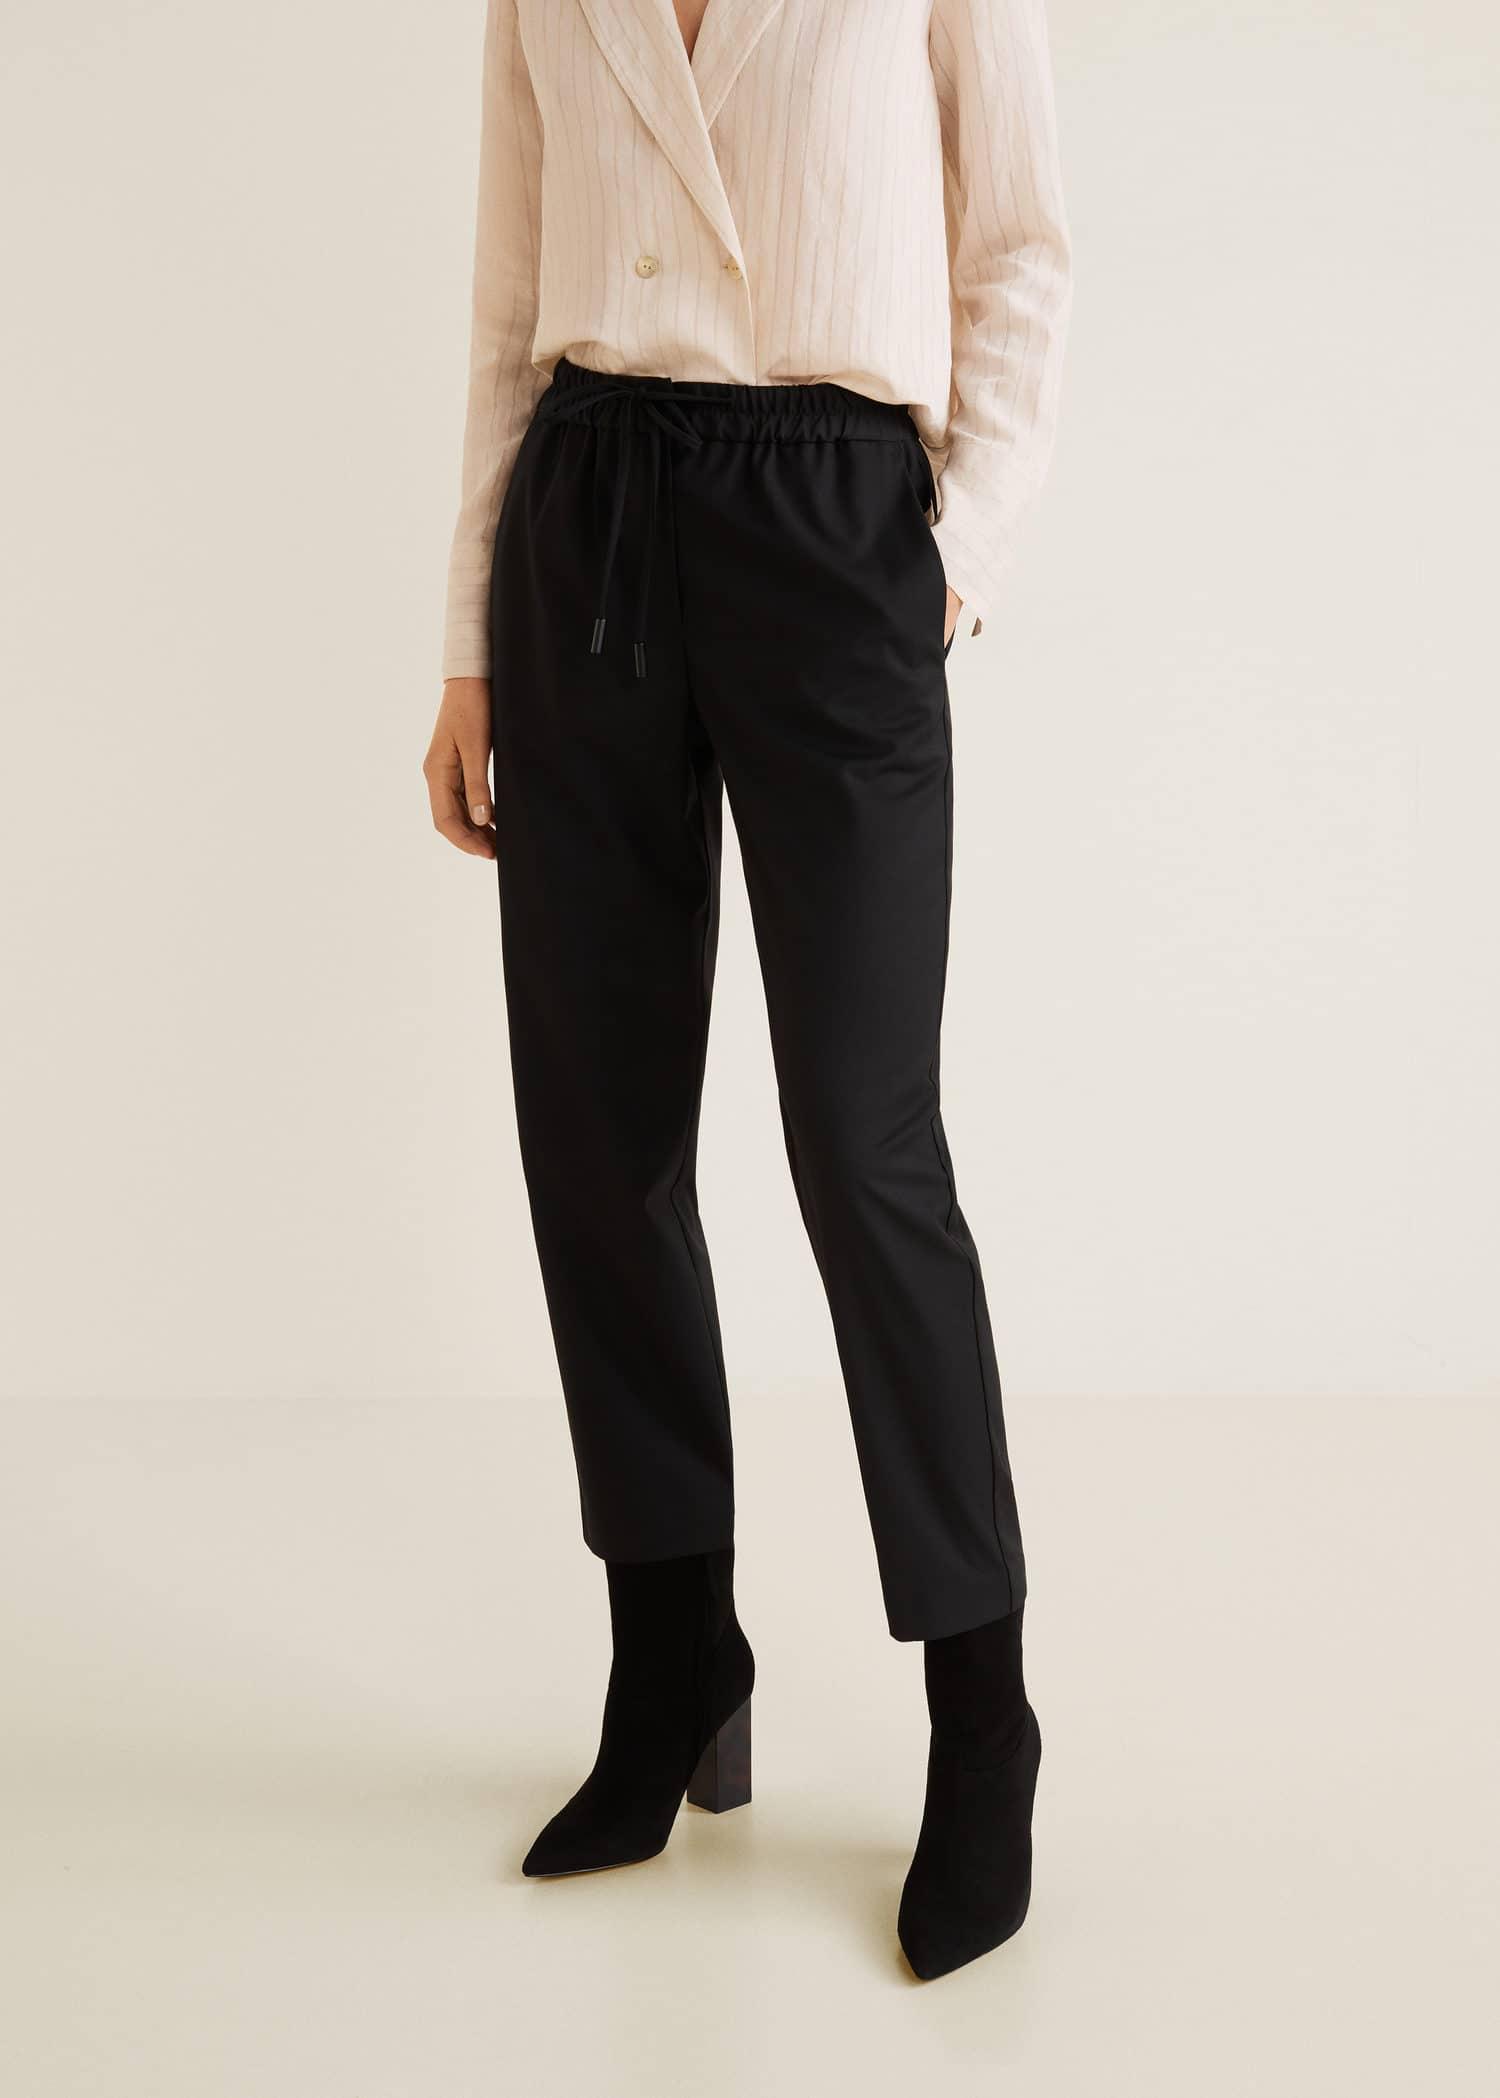 Pantalon taille élastique Femme | Mango Luxembourg